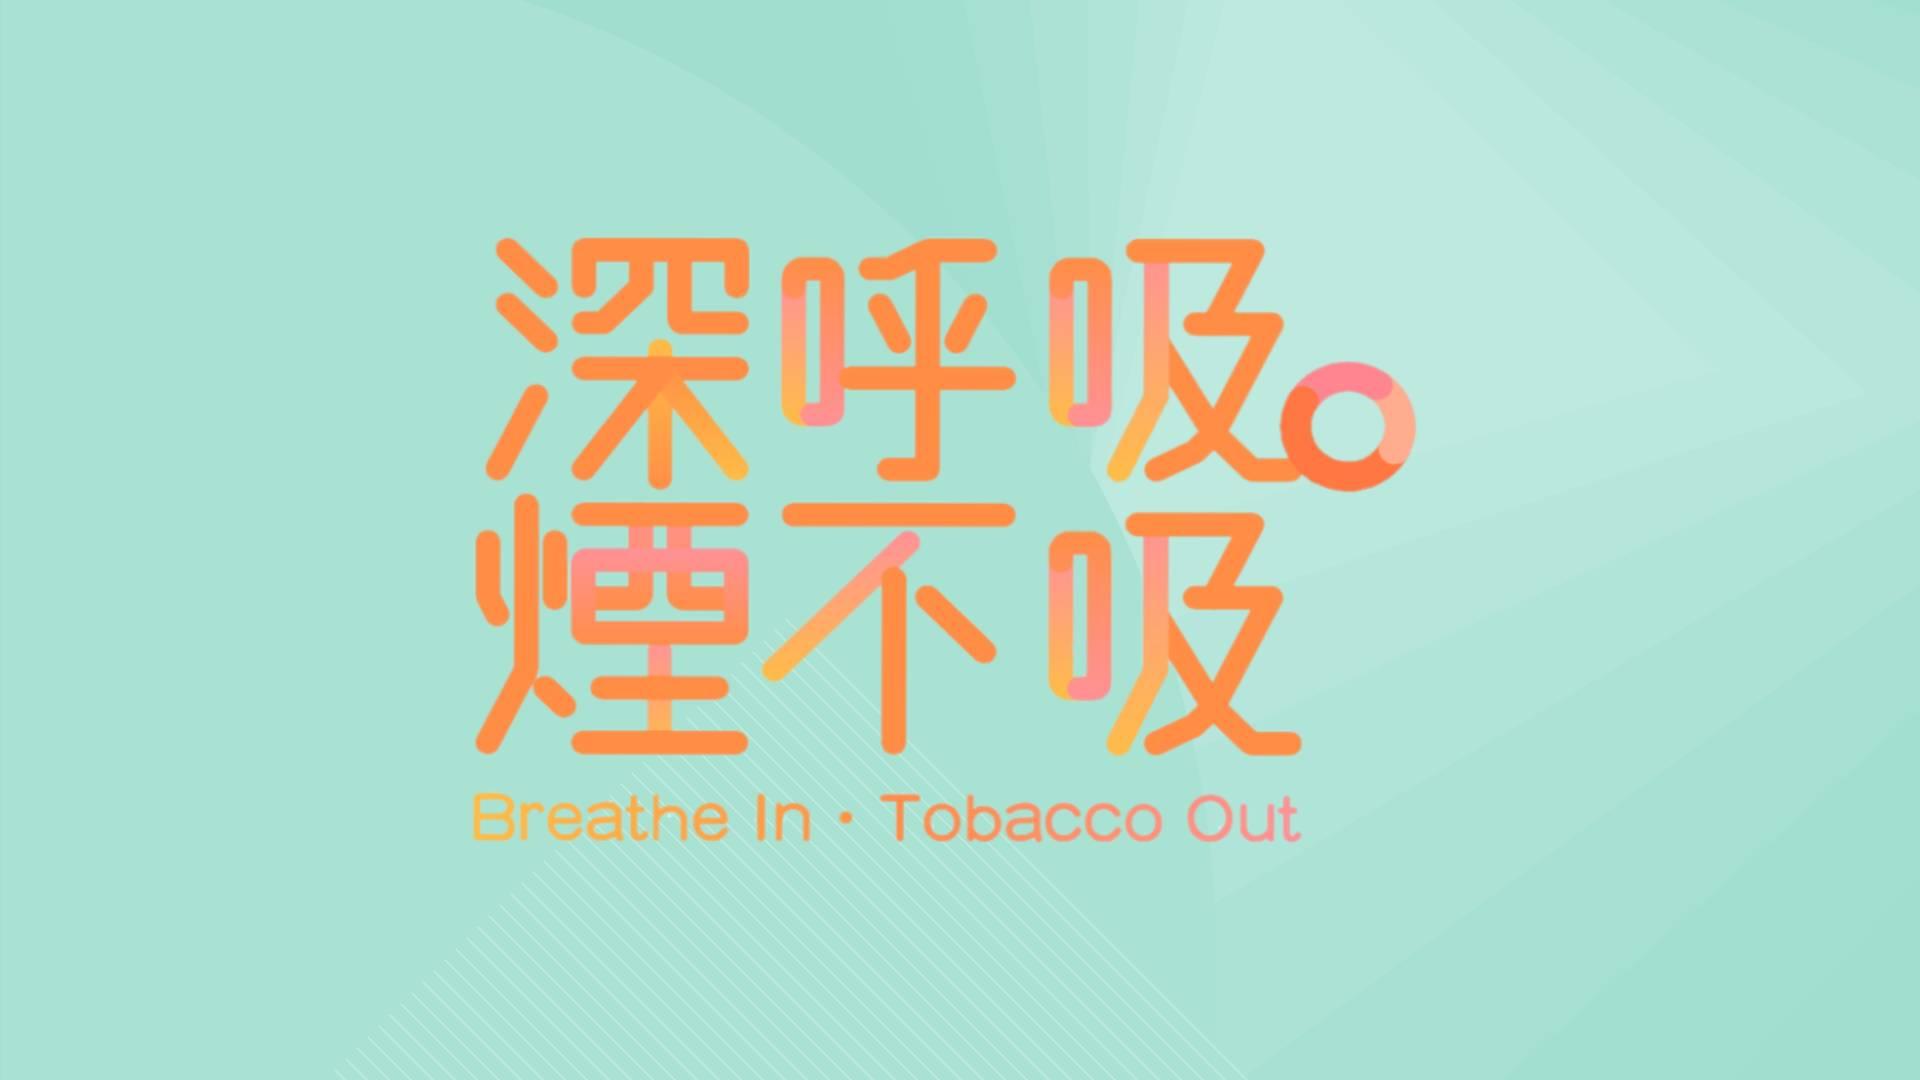 「深呼吸.煙不吸」抽獎活動圓滿結束